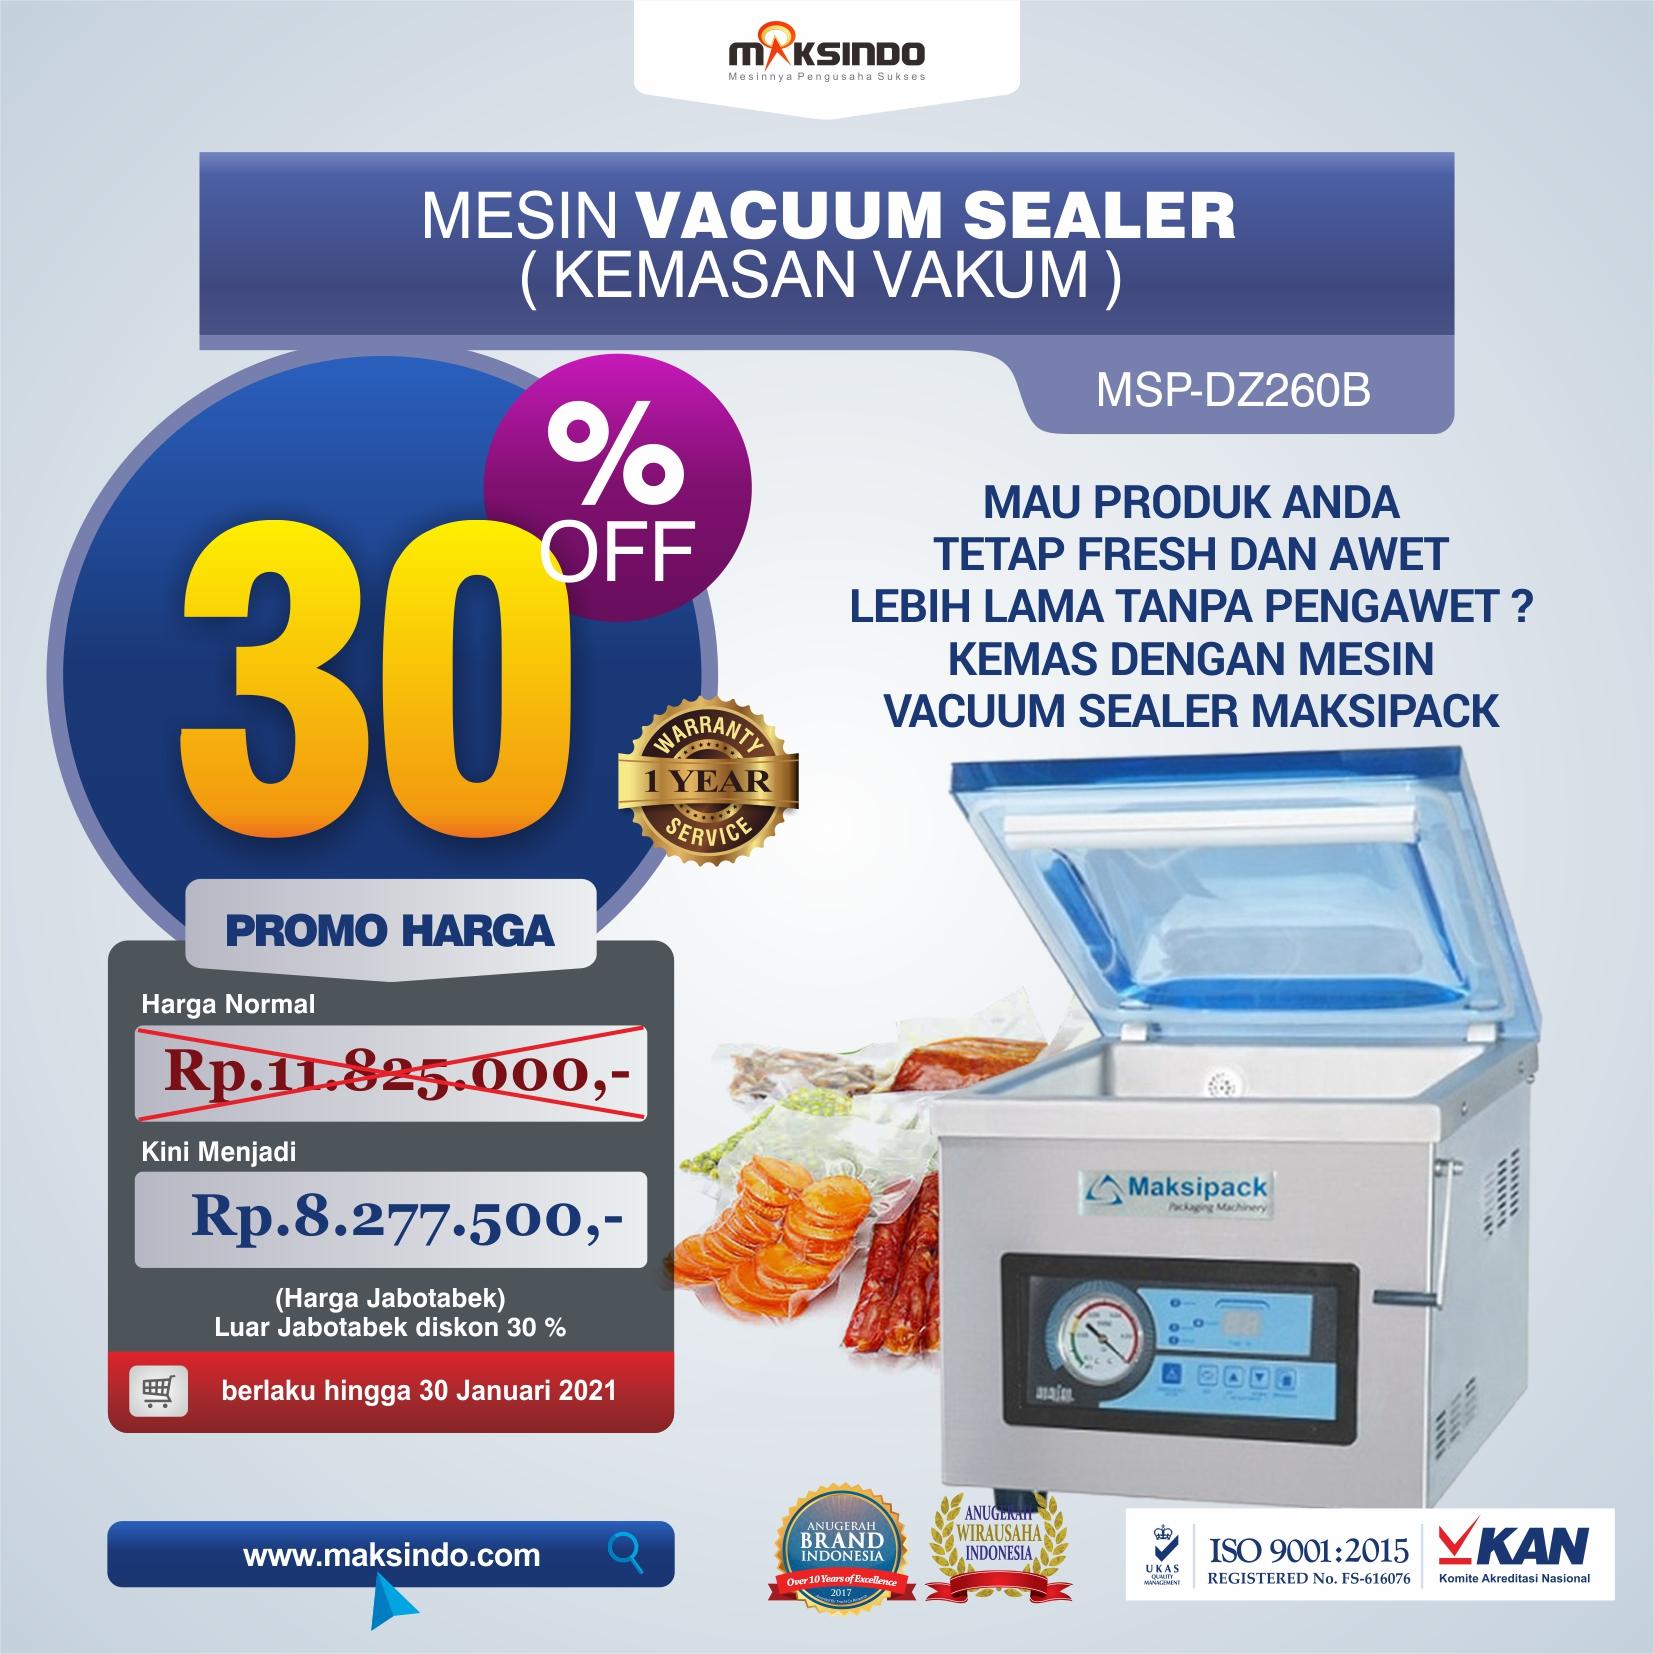 Jual Mesin Vacuum Sealer MSP-DZ260B Di Semarang